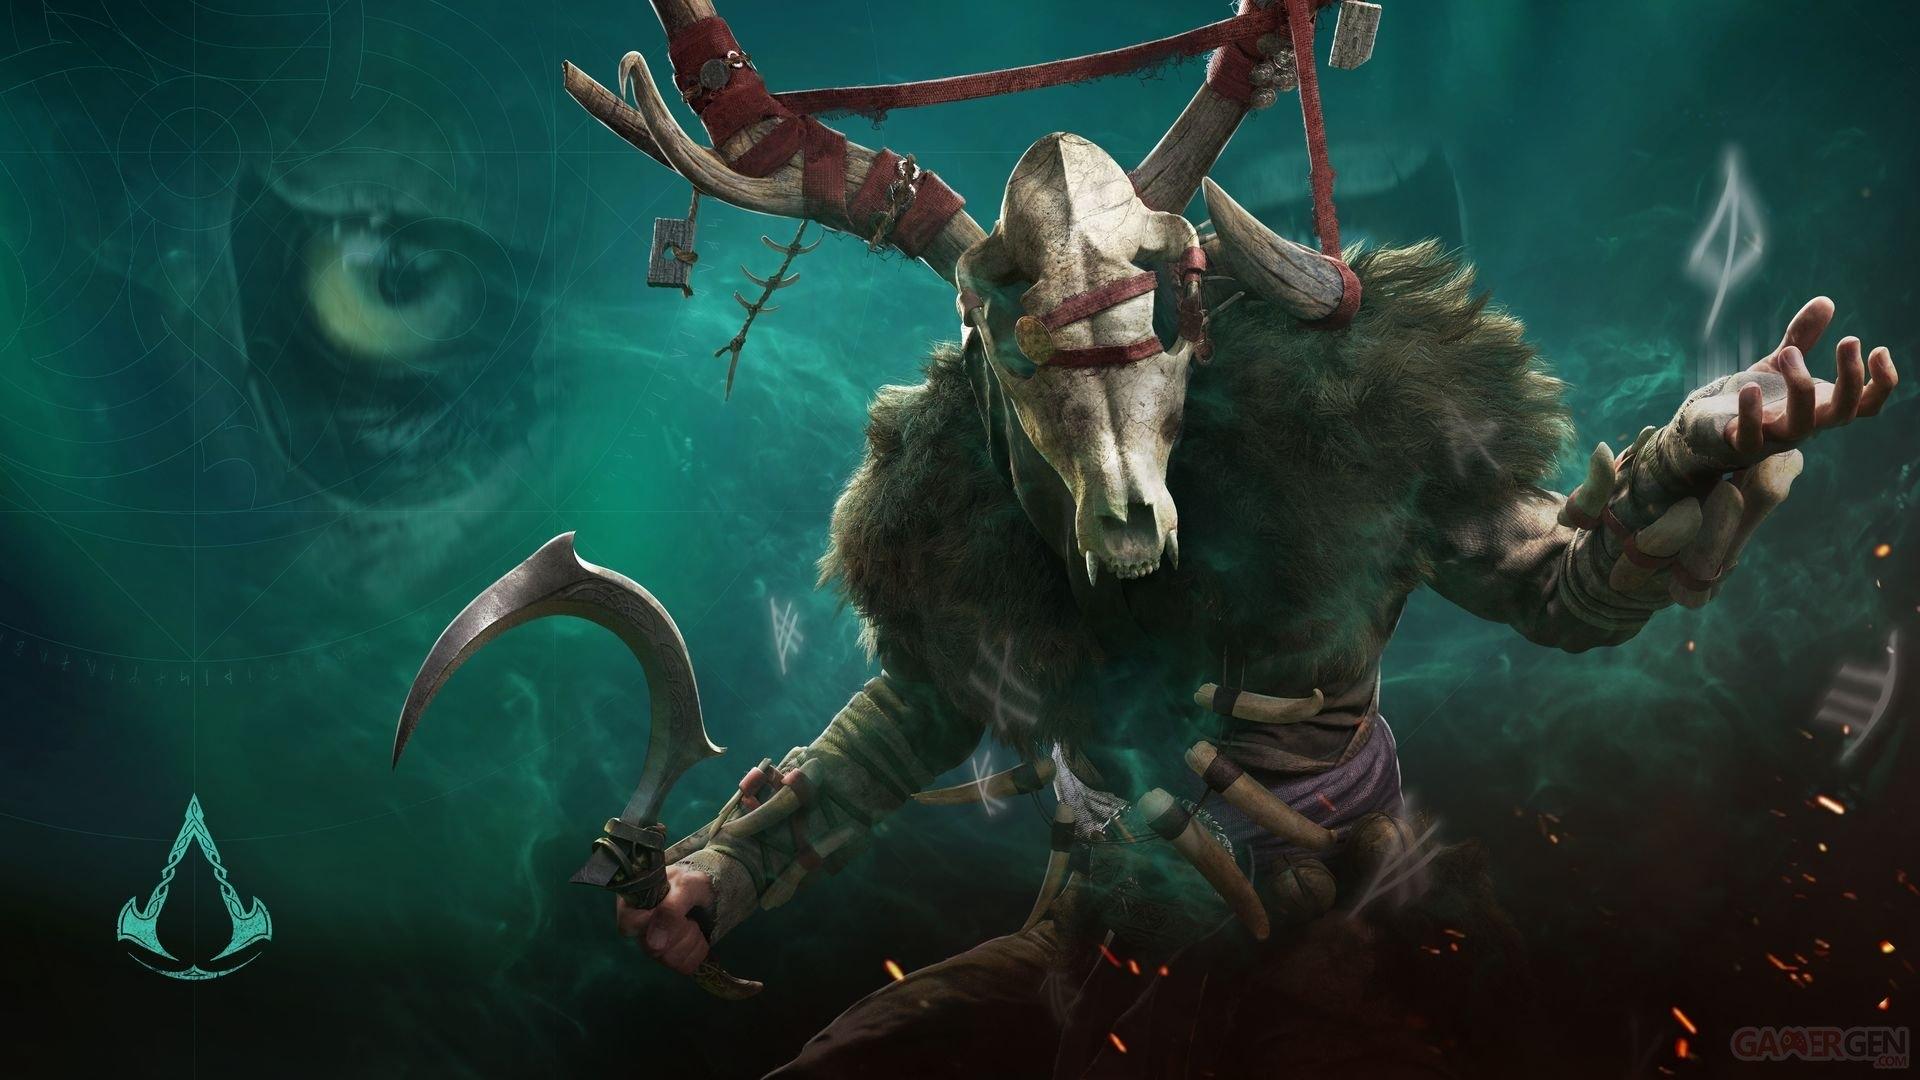 La colère des druides